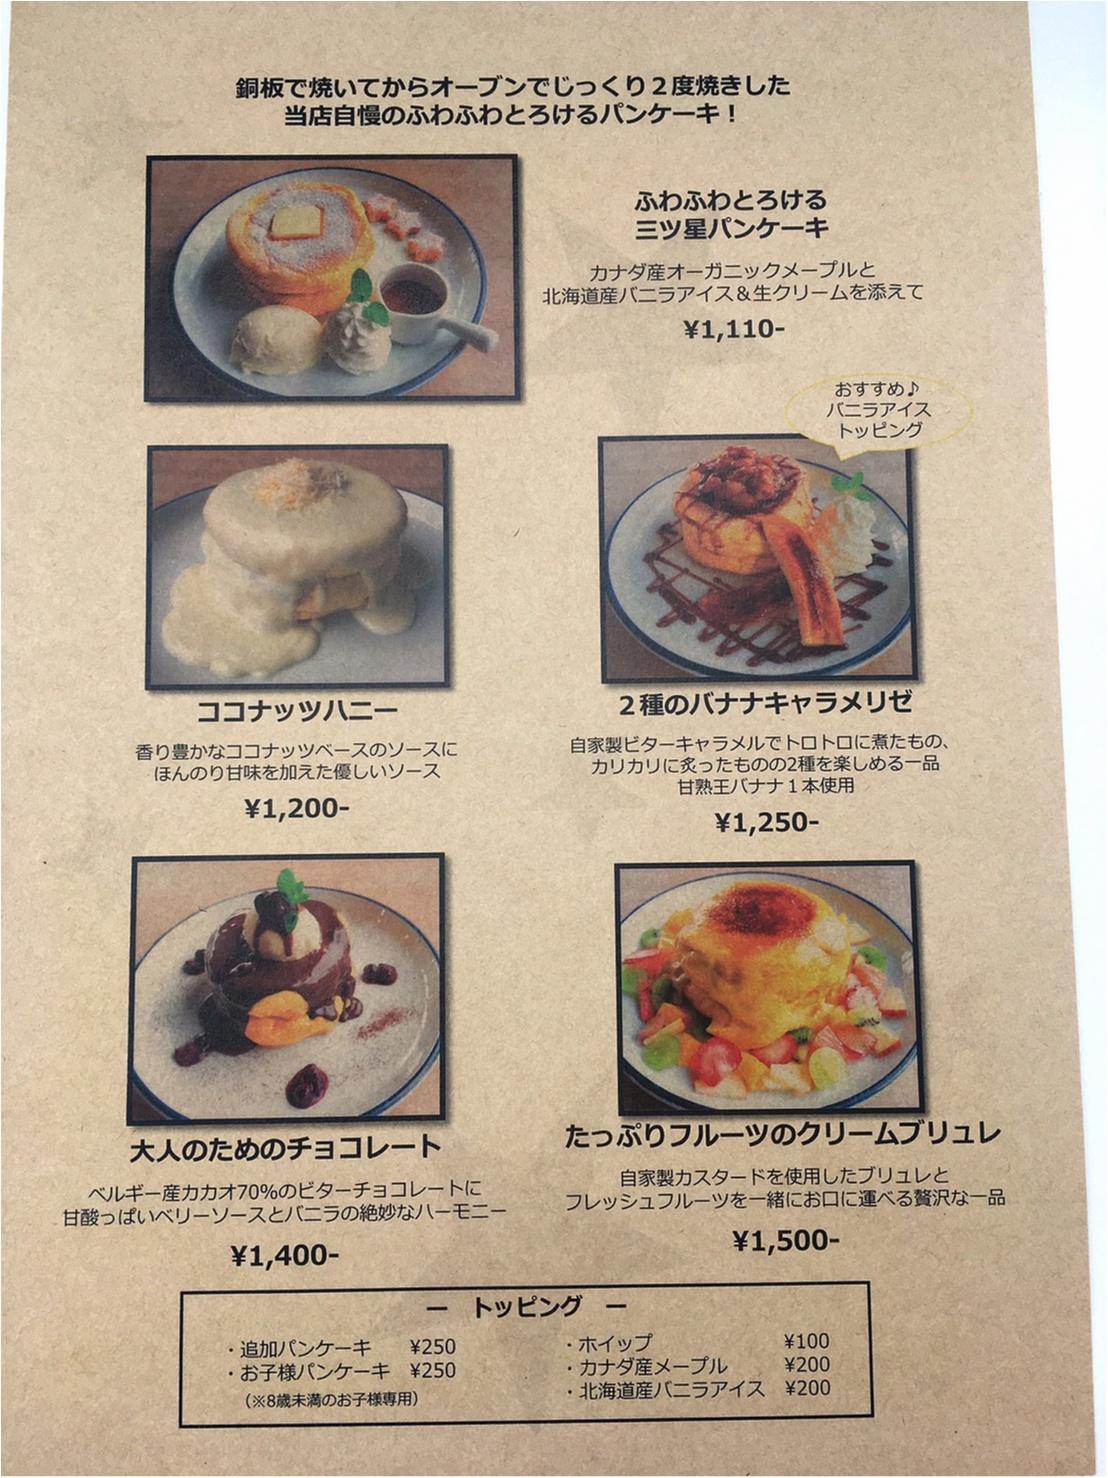 【武蔵小杉】とろぉ〜ふわぁ〜。雑誌で見かけて食べたかったクリームブリュレパンケーキ!_2